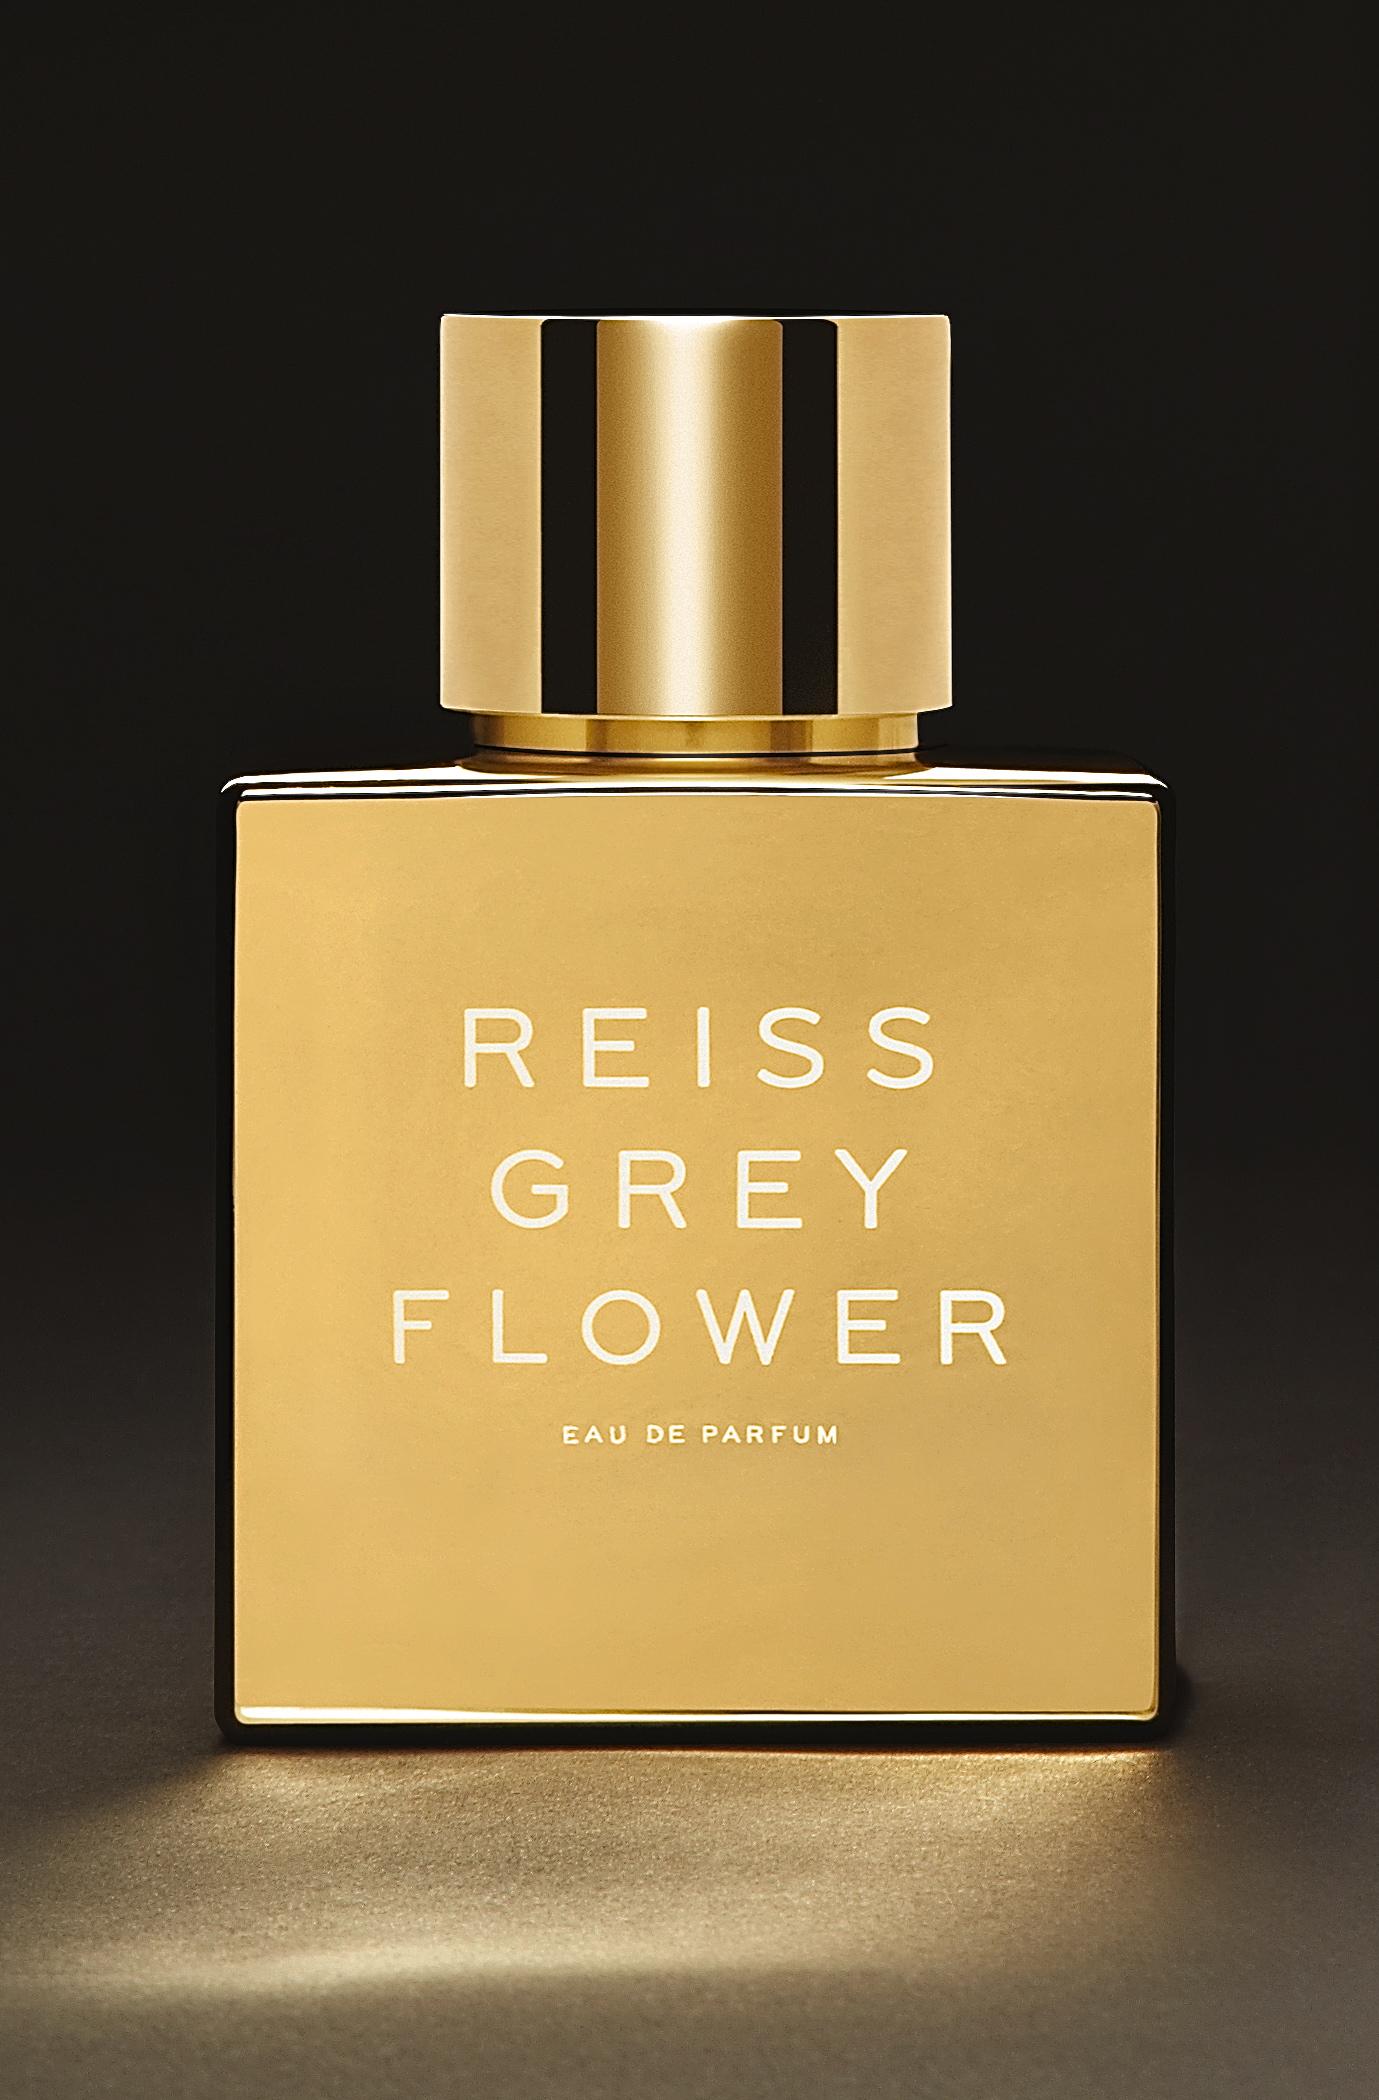 Reiss' Debut Men's Fragrance advise